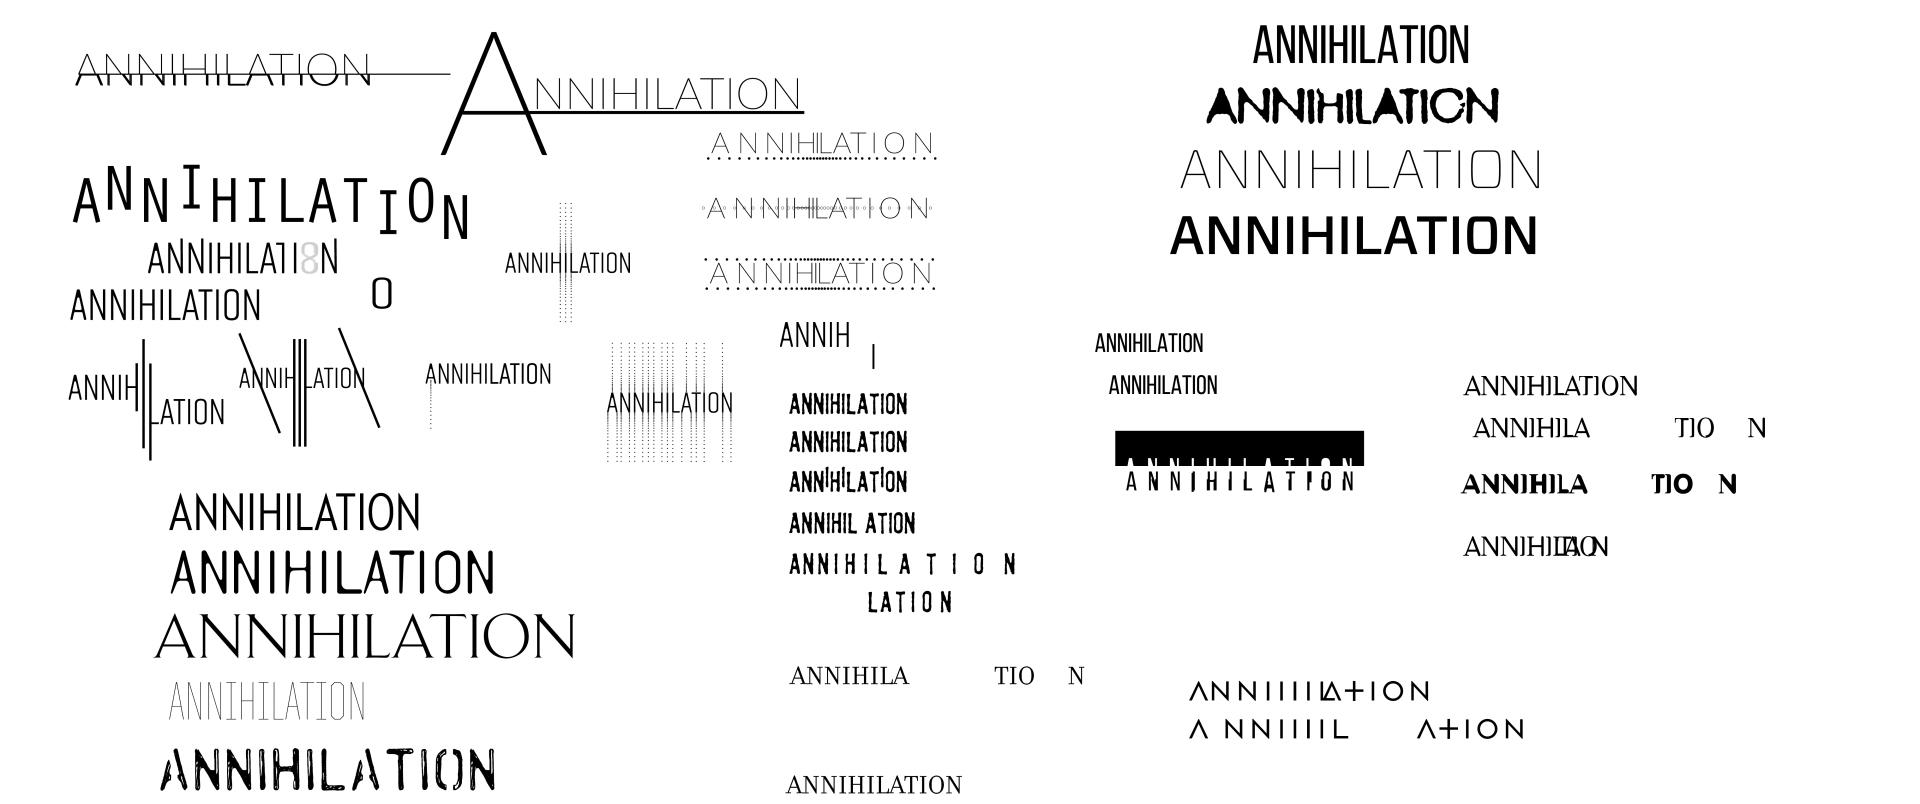 Annihilation_TypeProcess_01